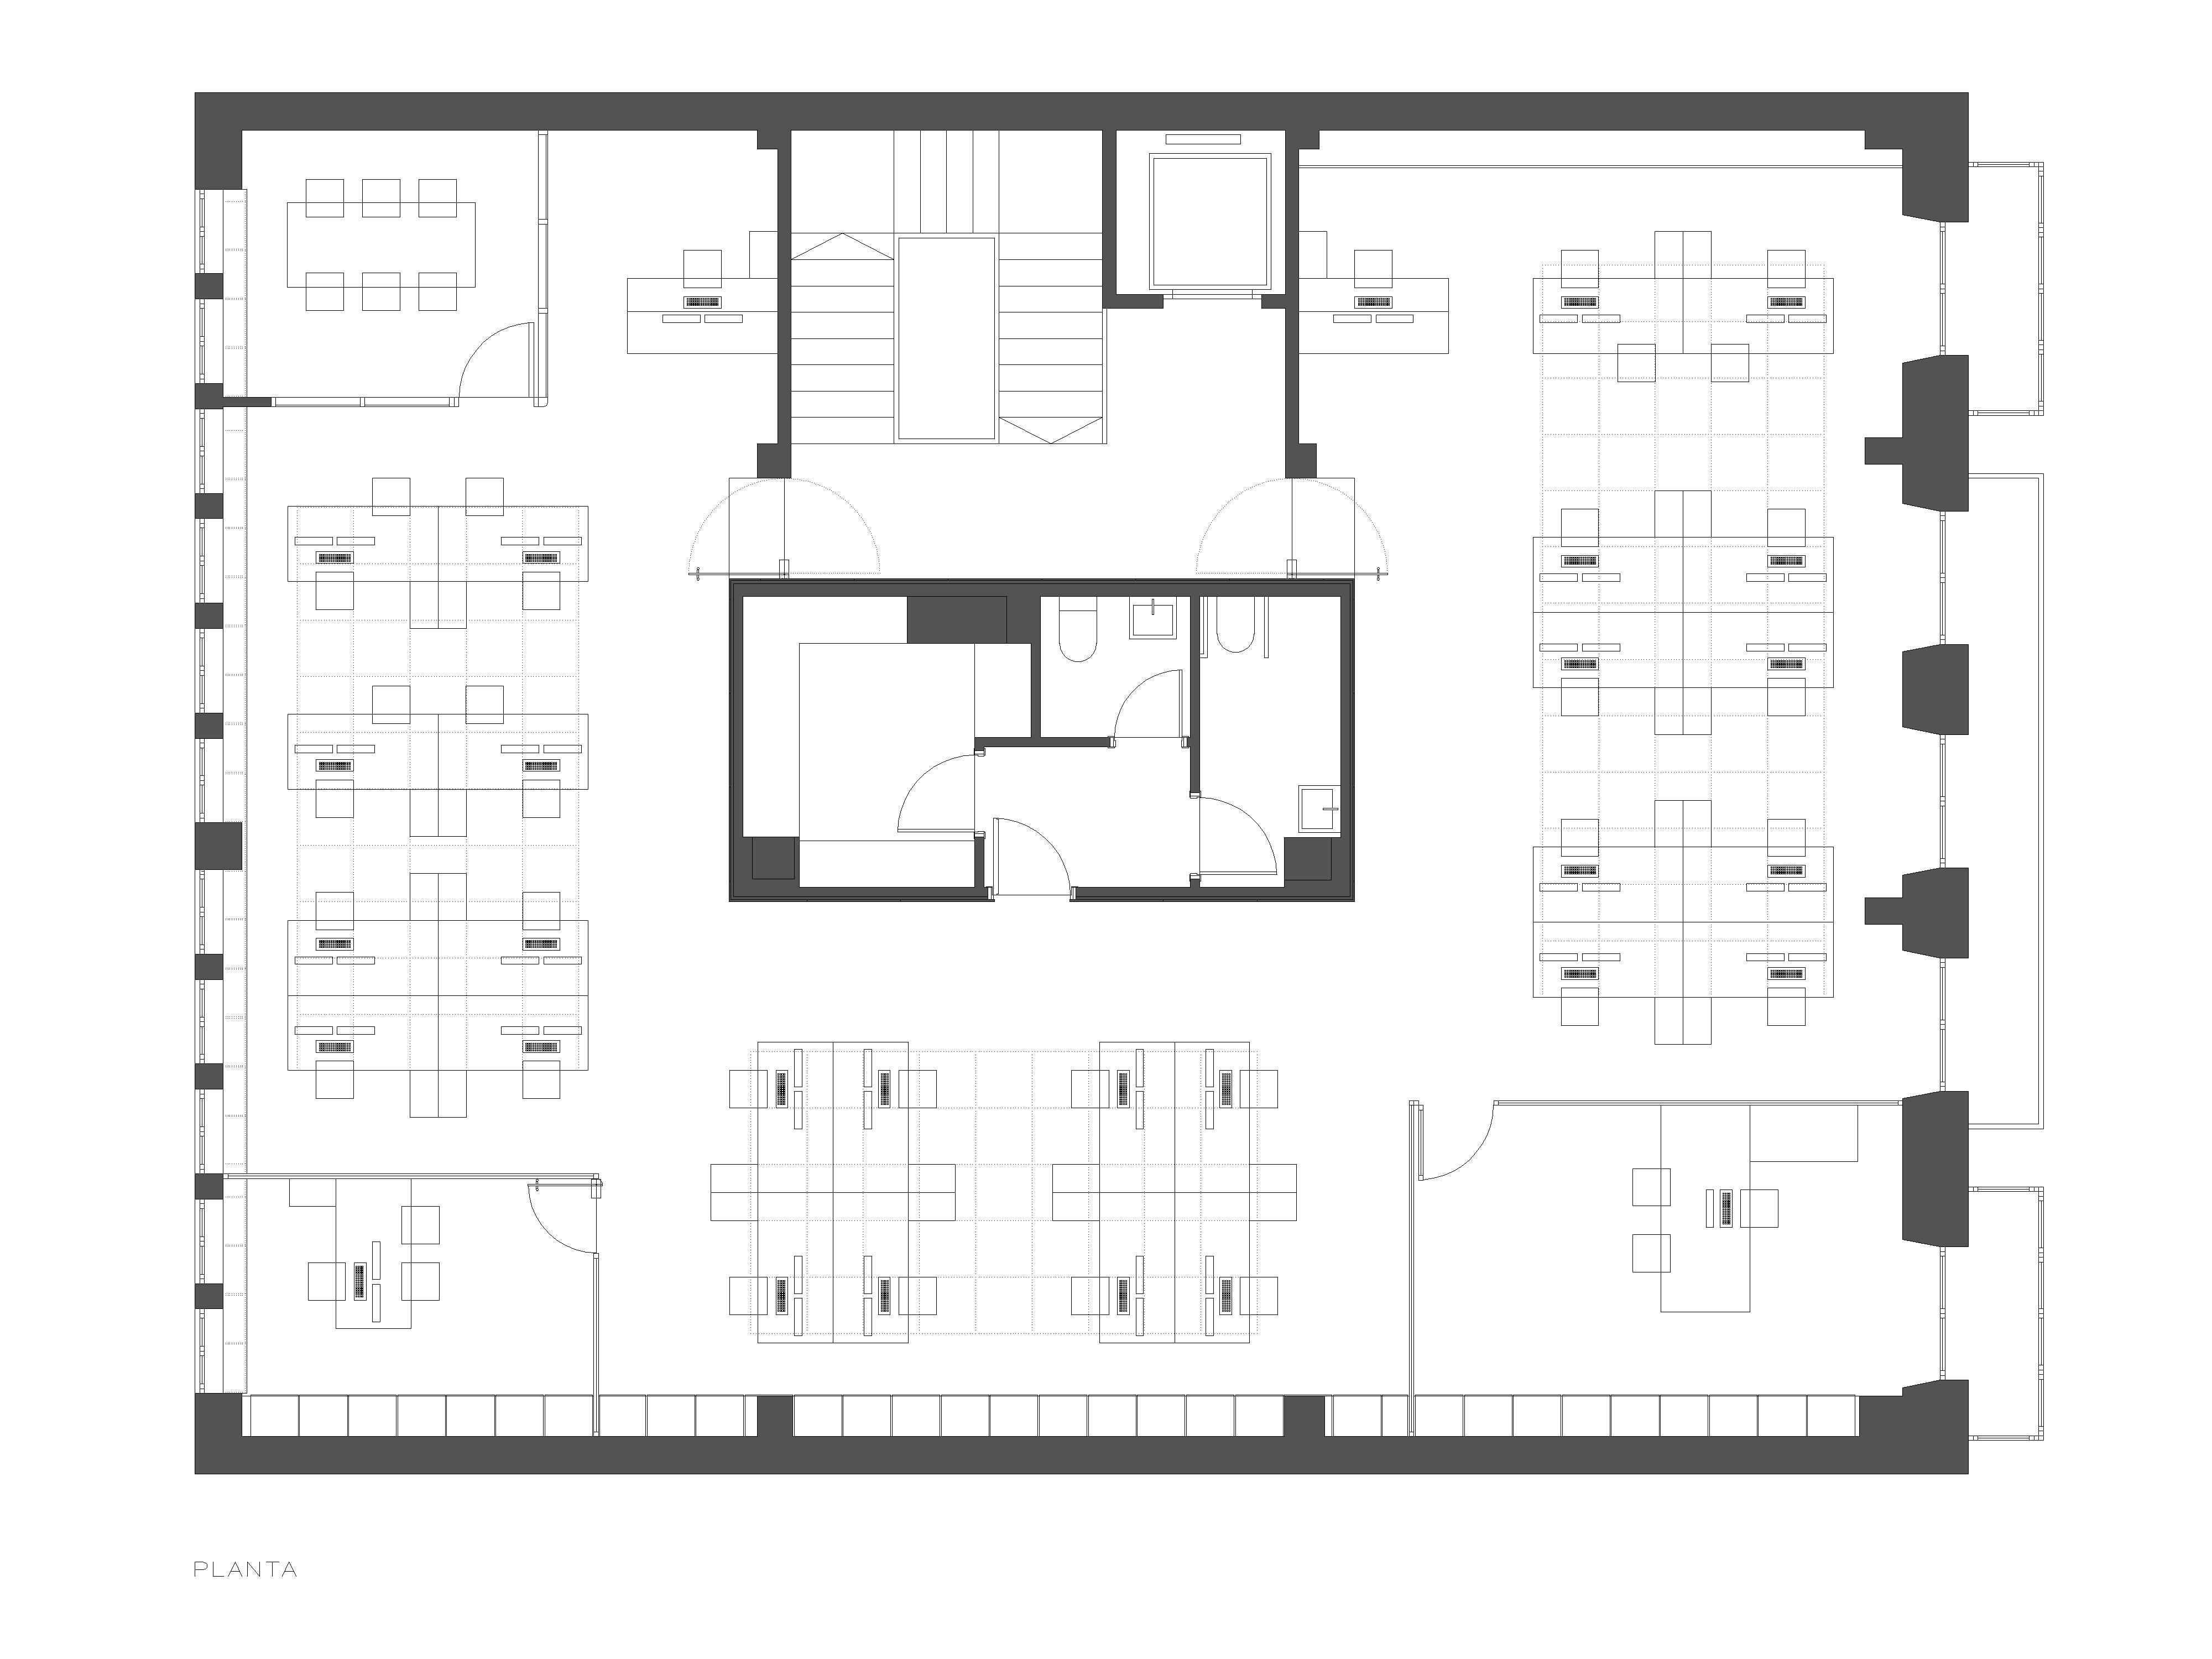 Planta oficina uria tagarro de miguel arquitectos for Plantas para oficina